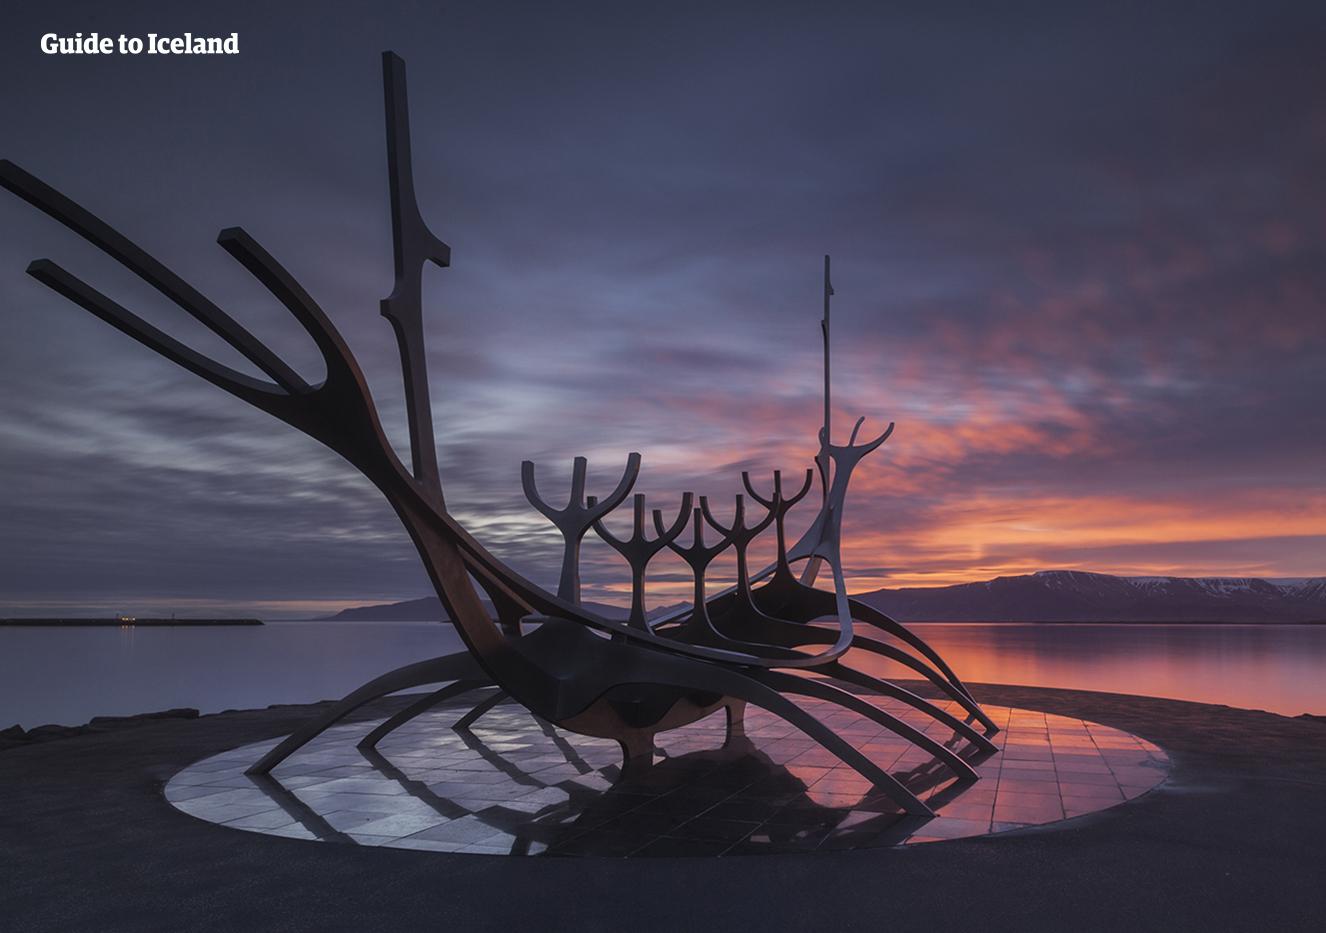 Die Nächte in der Hauptstadt Reykjavík können genauso schön sein wie in der wilden Natur Islands.